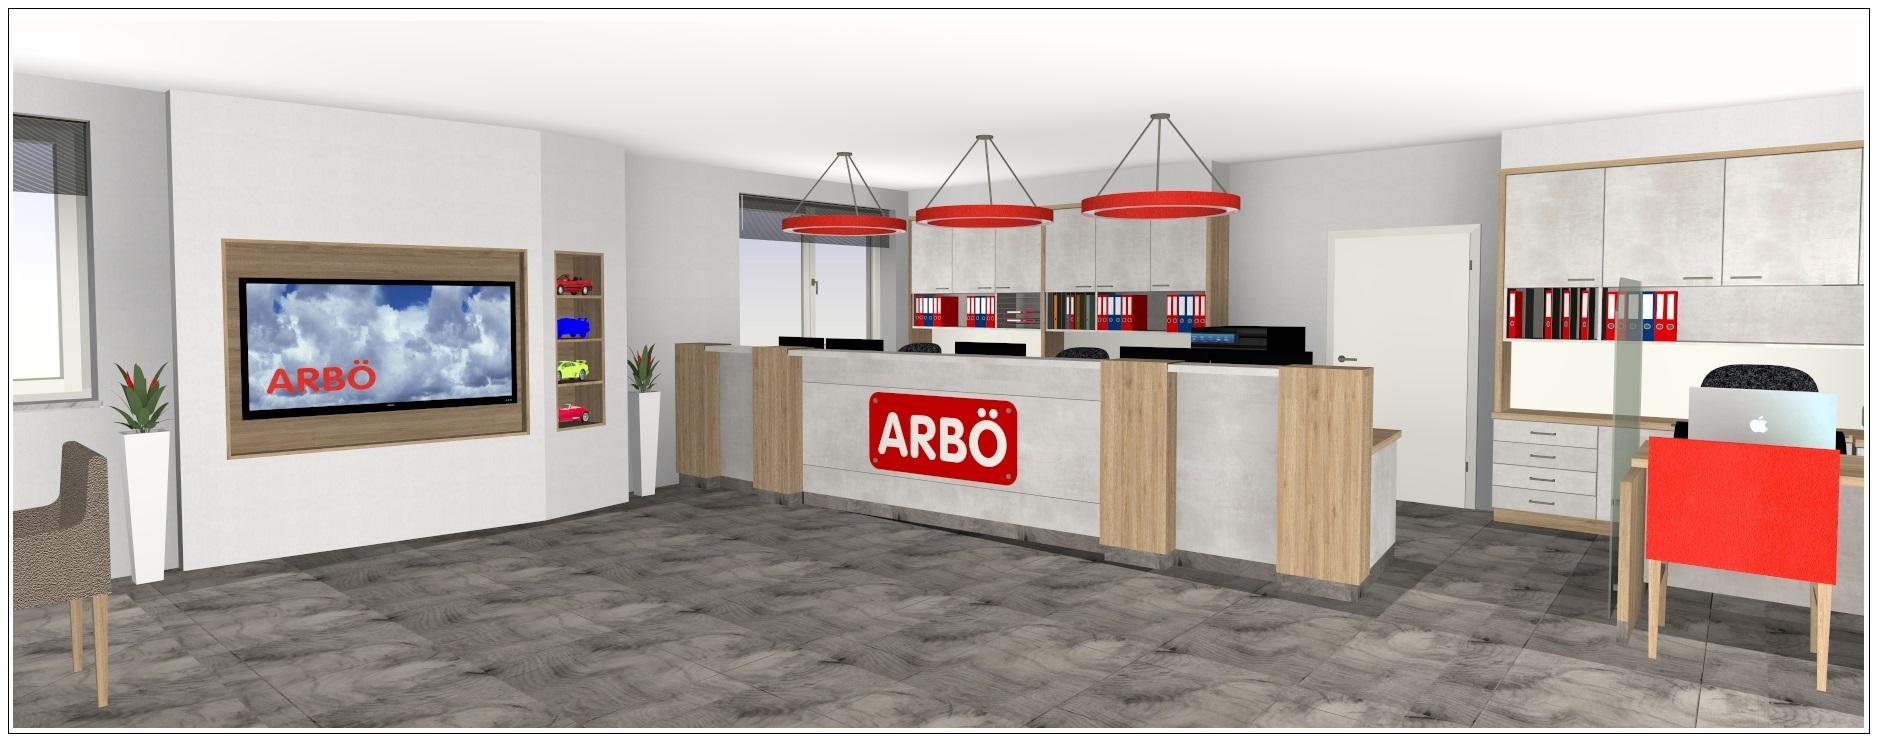 3D Planung eines Arbö Shops